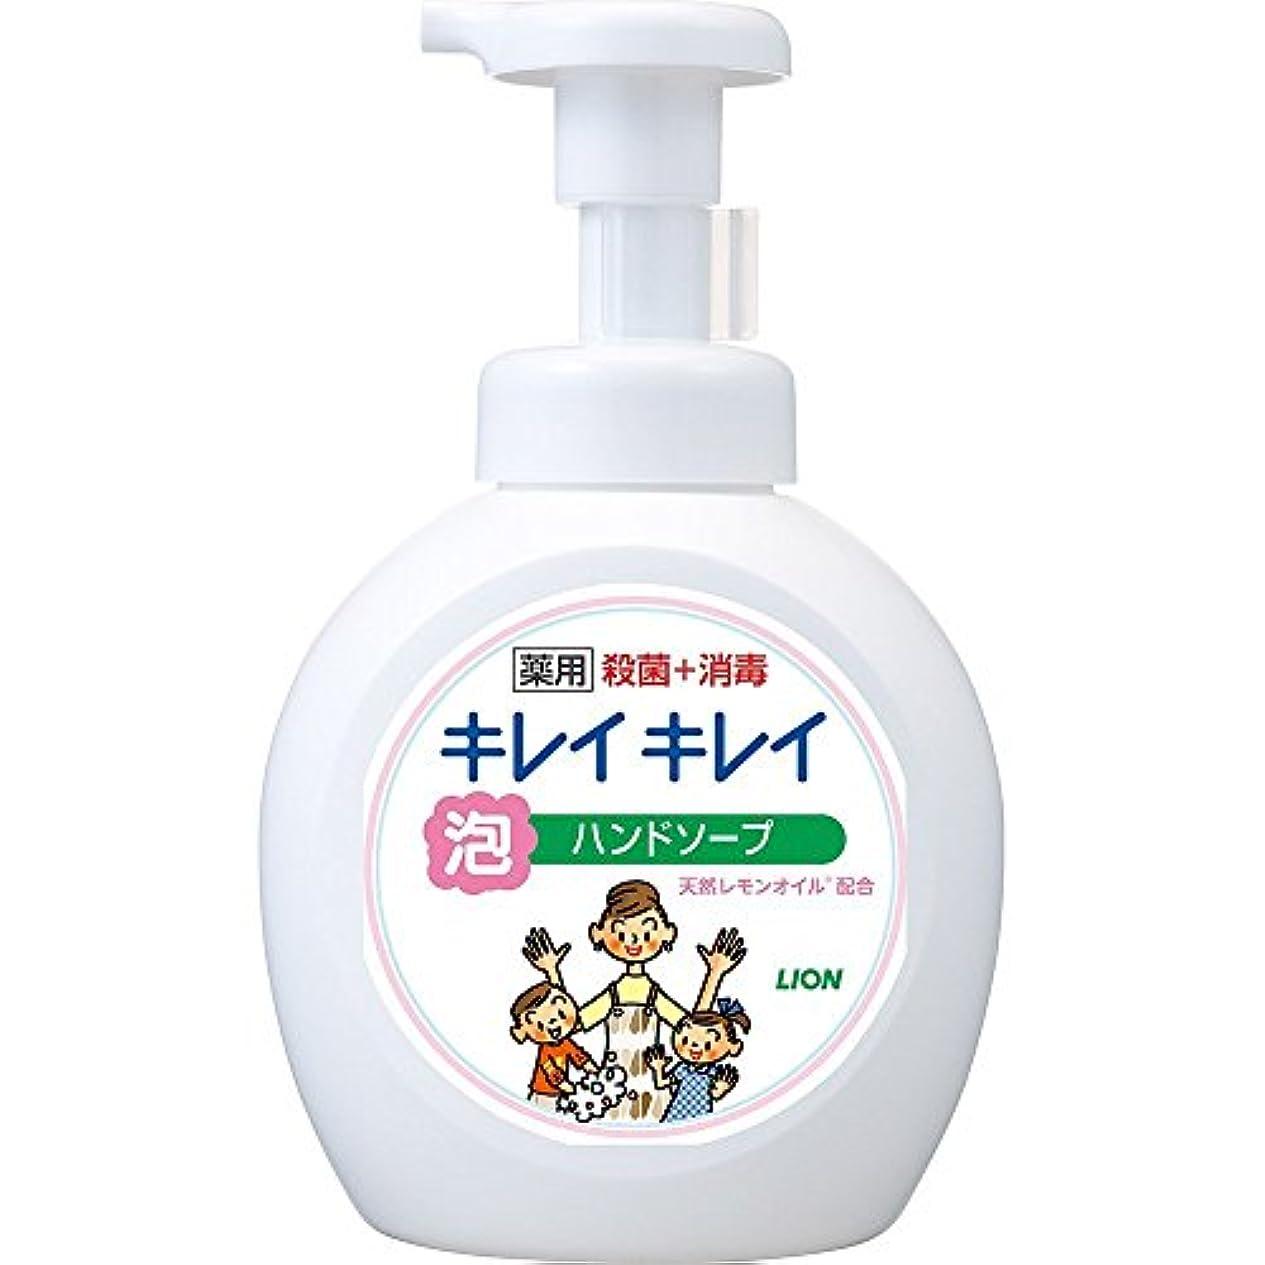 魂供給排出キレイキレイ 薬用 泡ハンドソープ シトラスフルーティの香り 本体ポンプ 大型サイズ 500ml(医薬部外品)